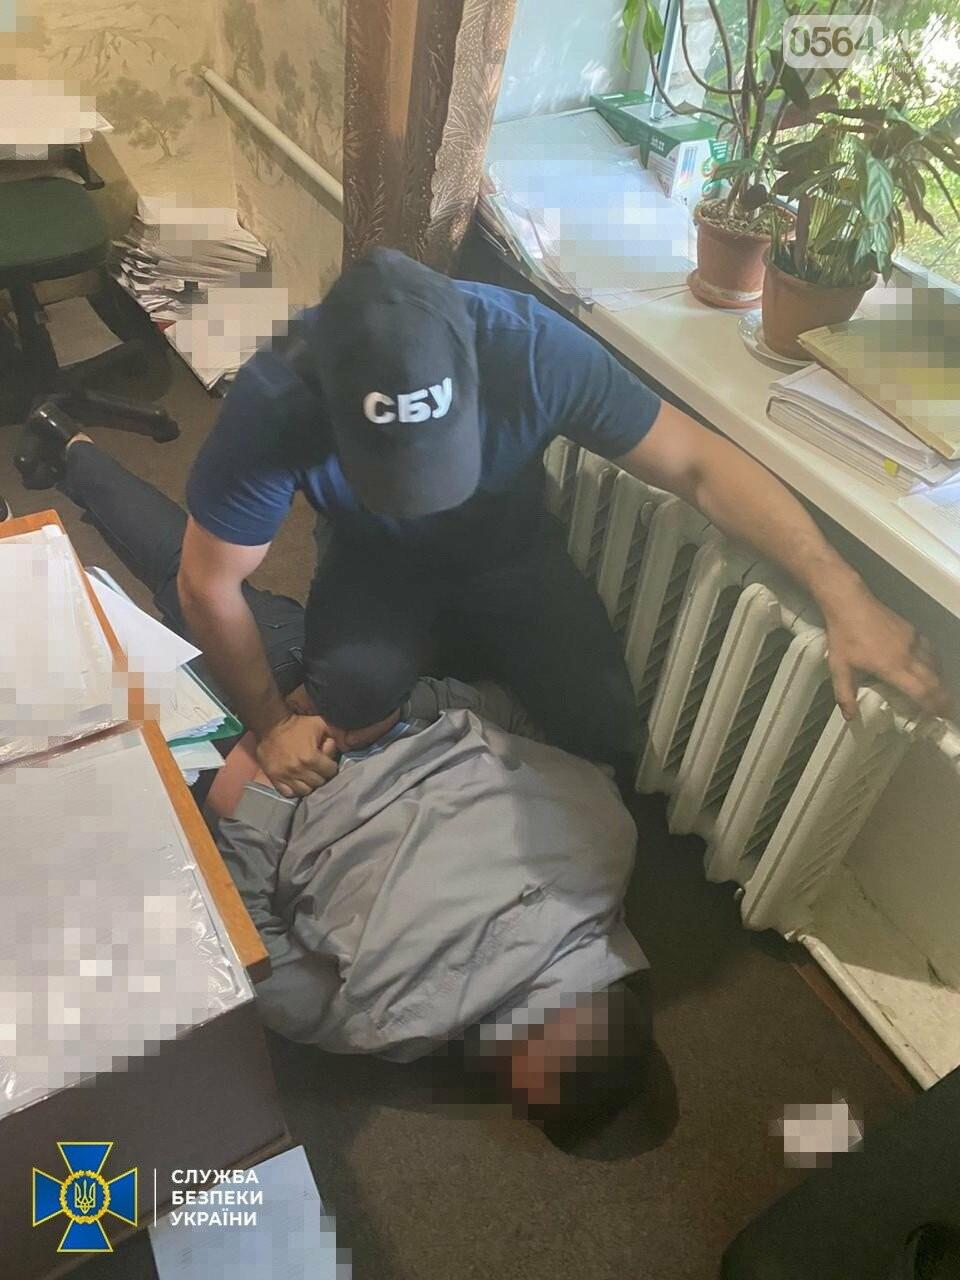 На Днепропетровщине прокурора хотели задержать на взятке, а он выбросил деньги в окно, - ФОТО, ВИДЕО, фото-1